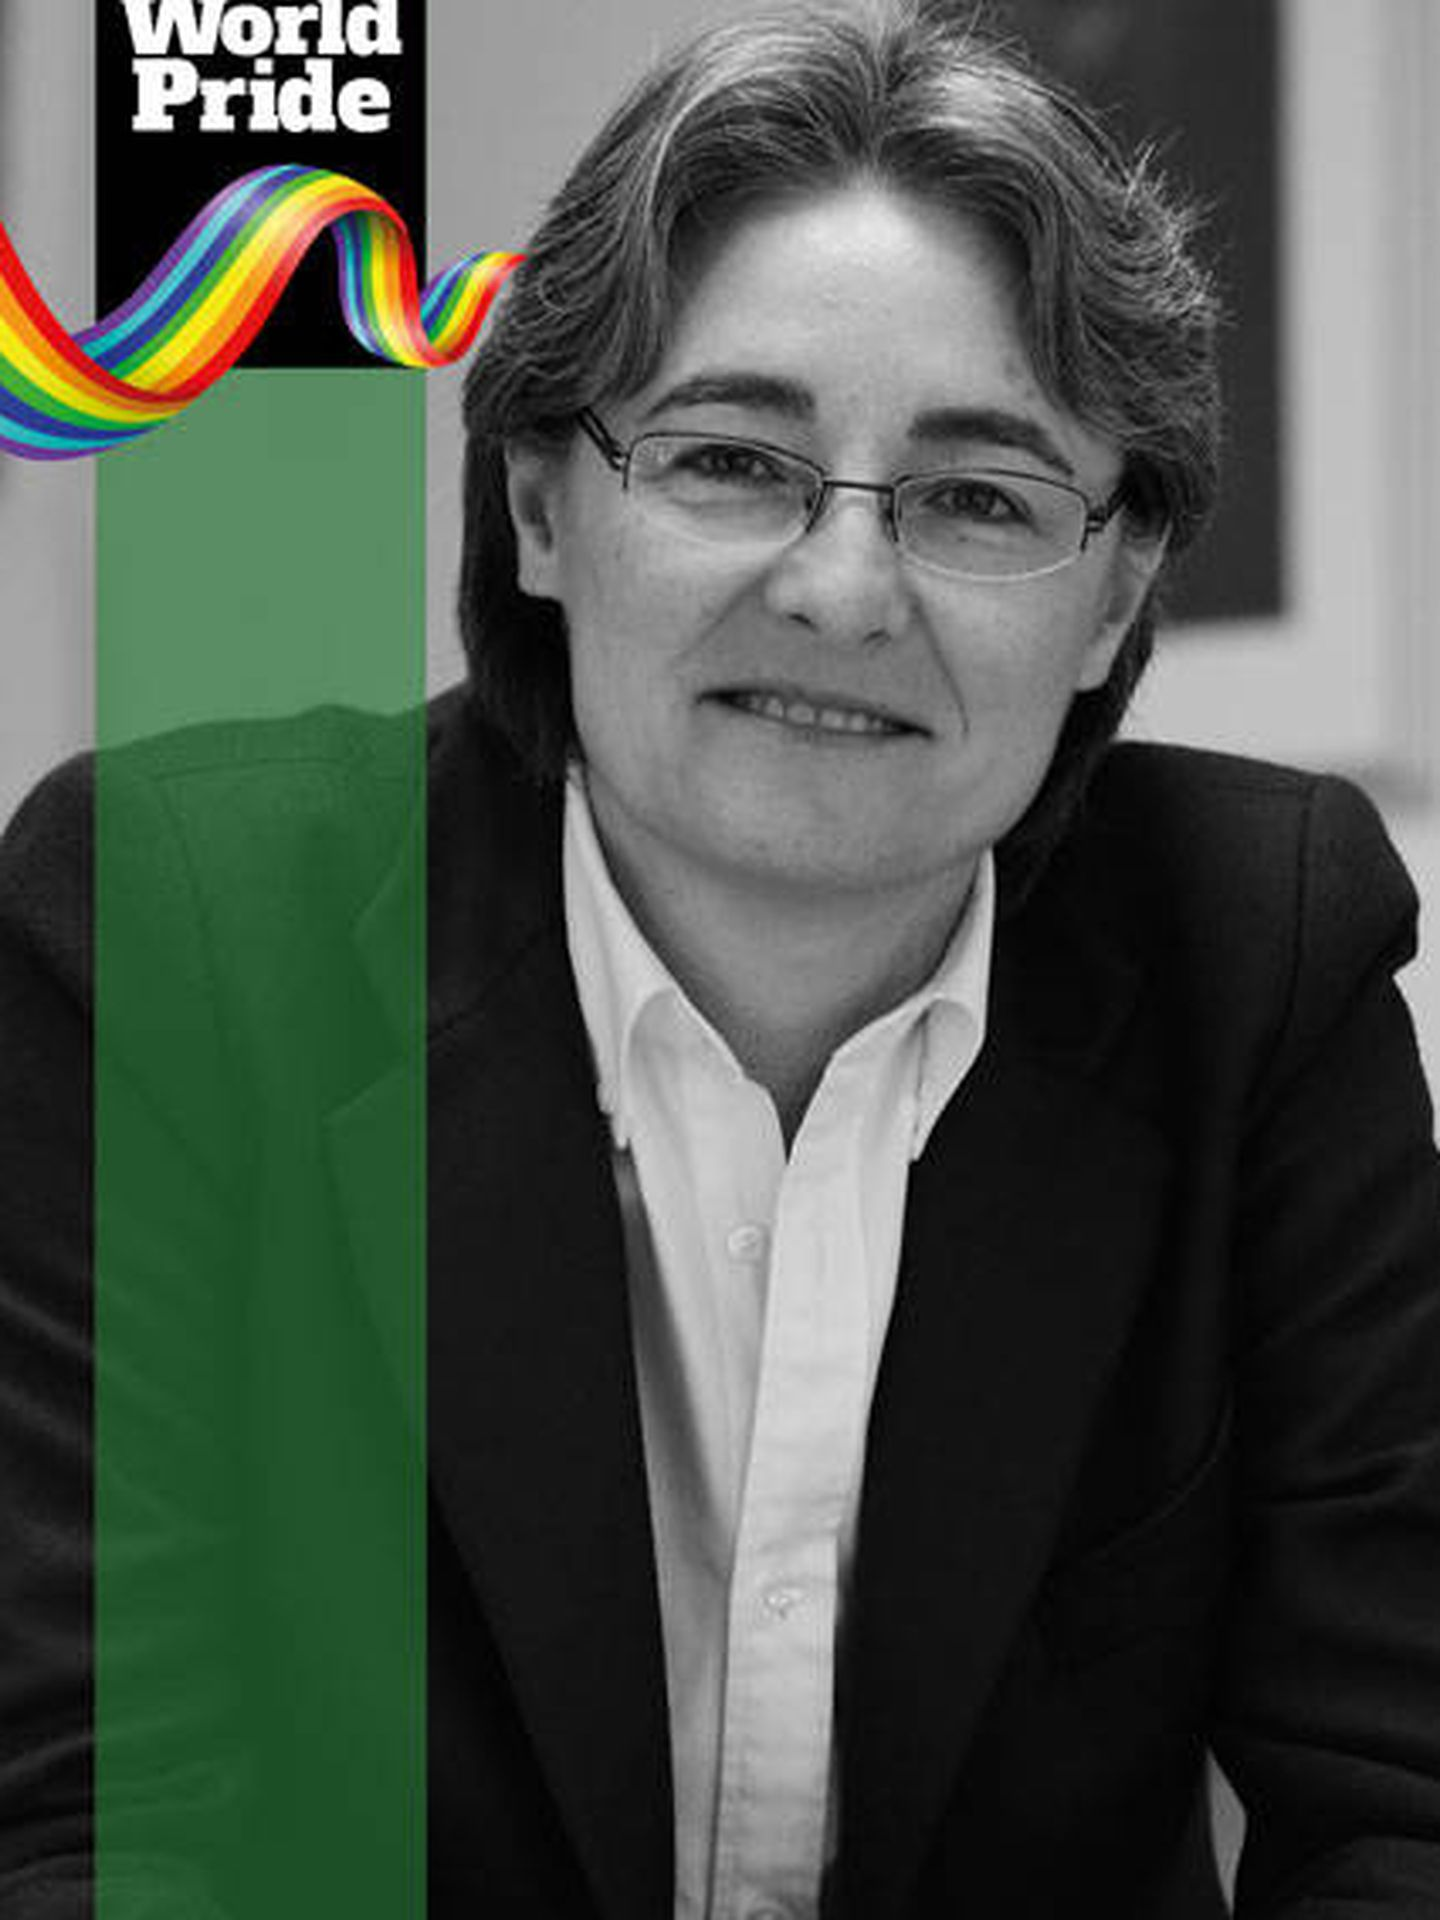 Orgullo LGTBI 2017: Marta Higueras.